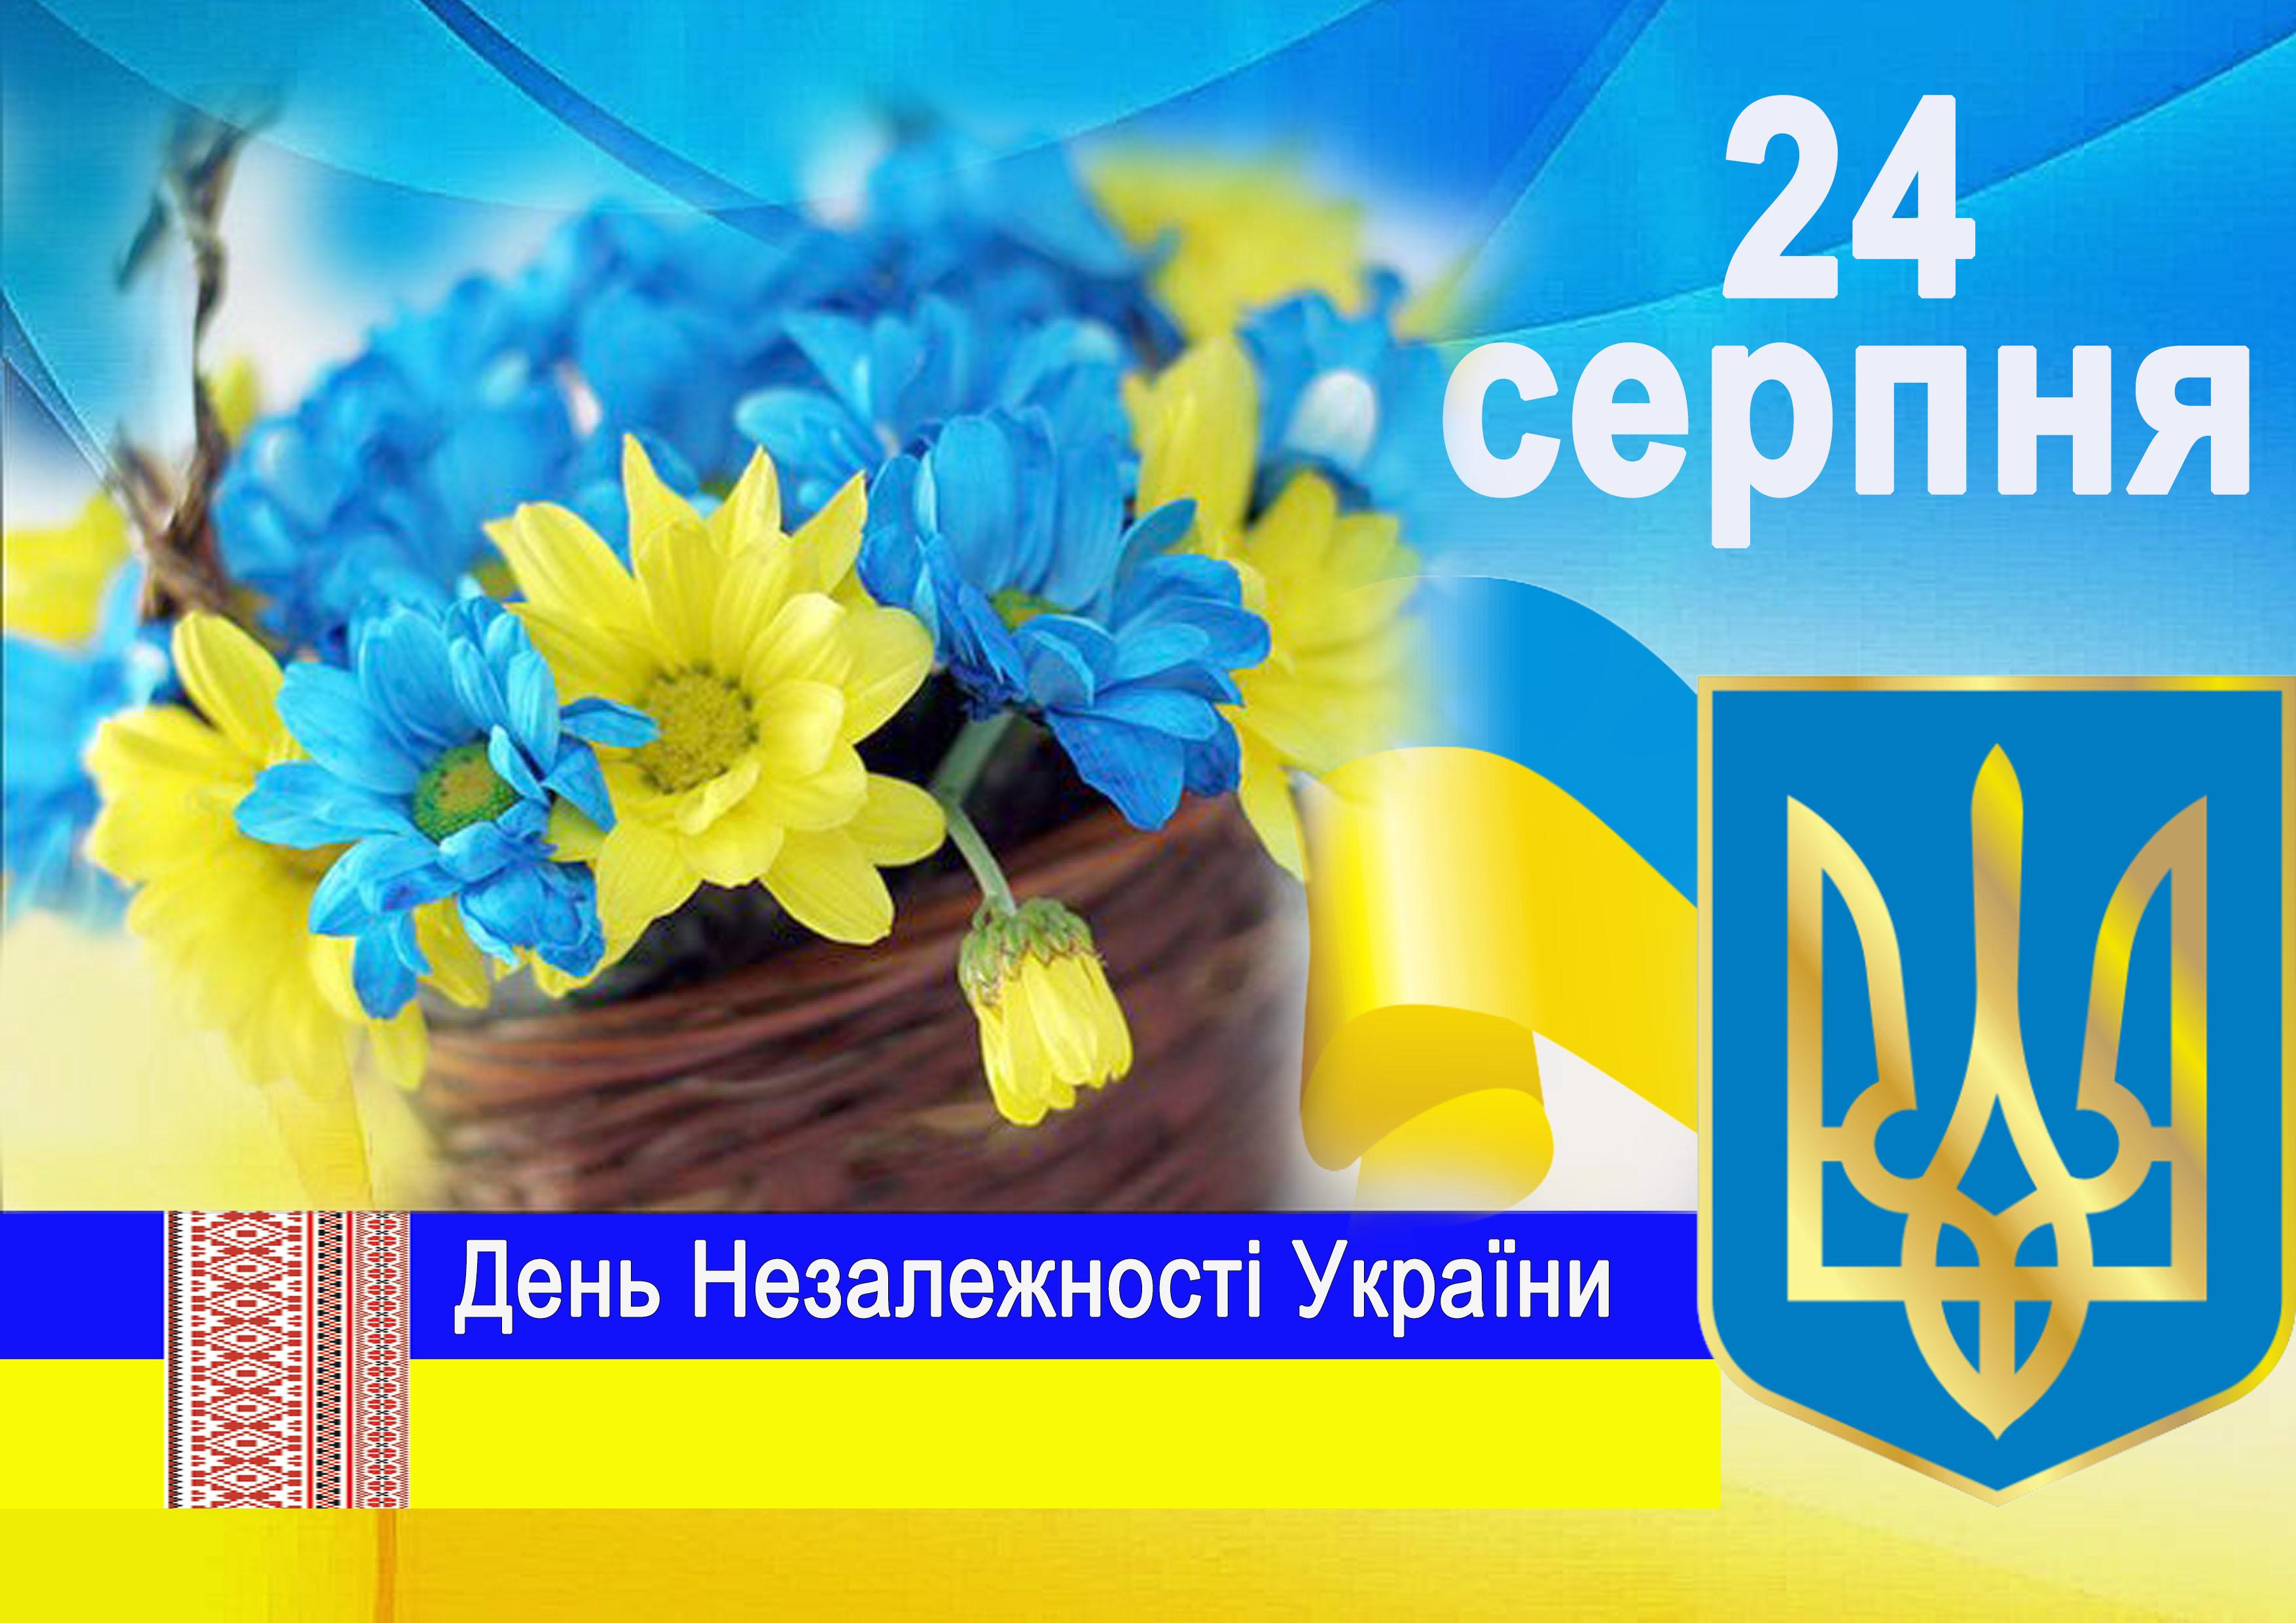 Картинки к дню незалежности украины